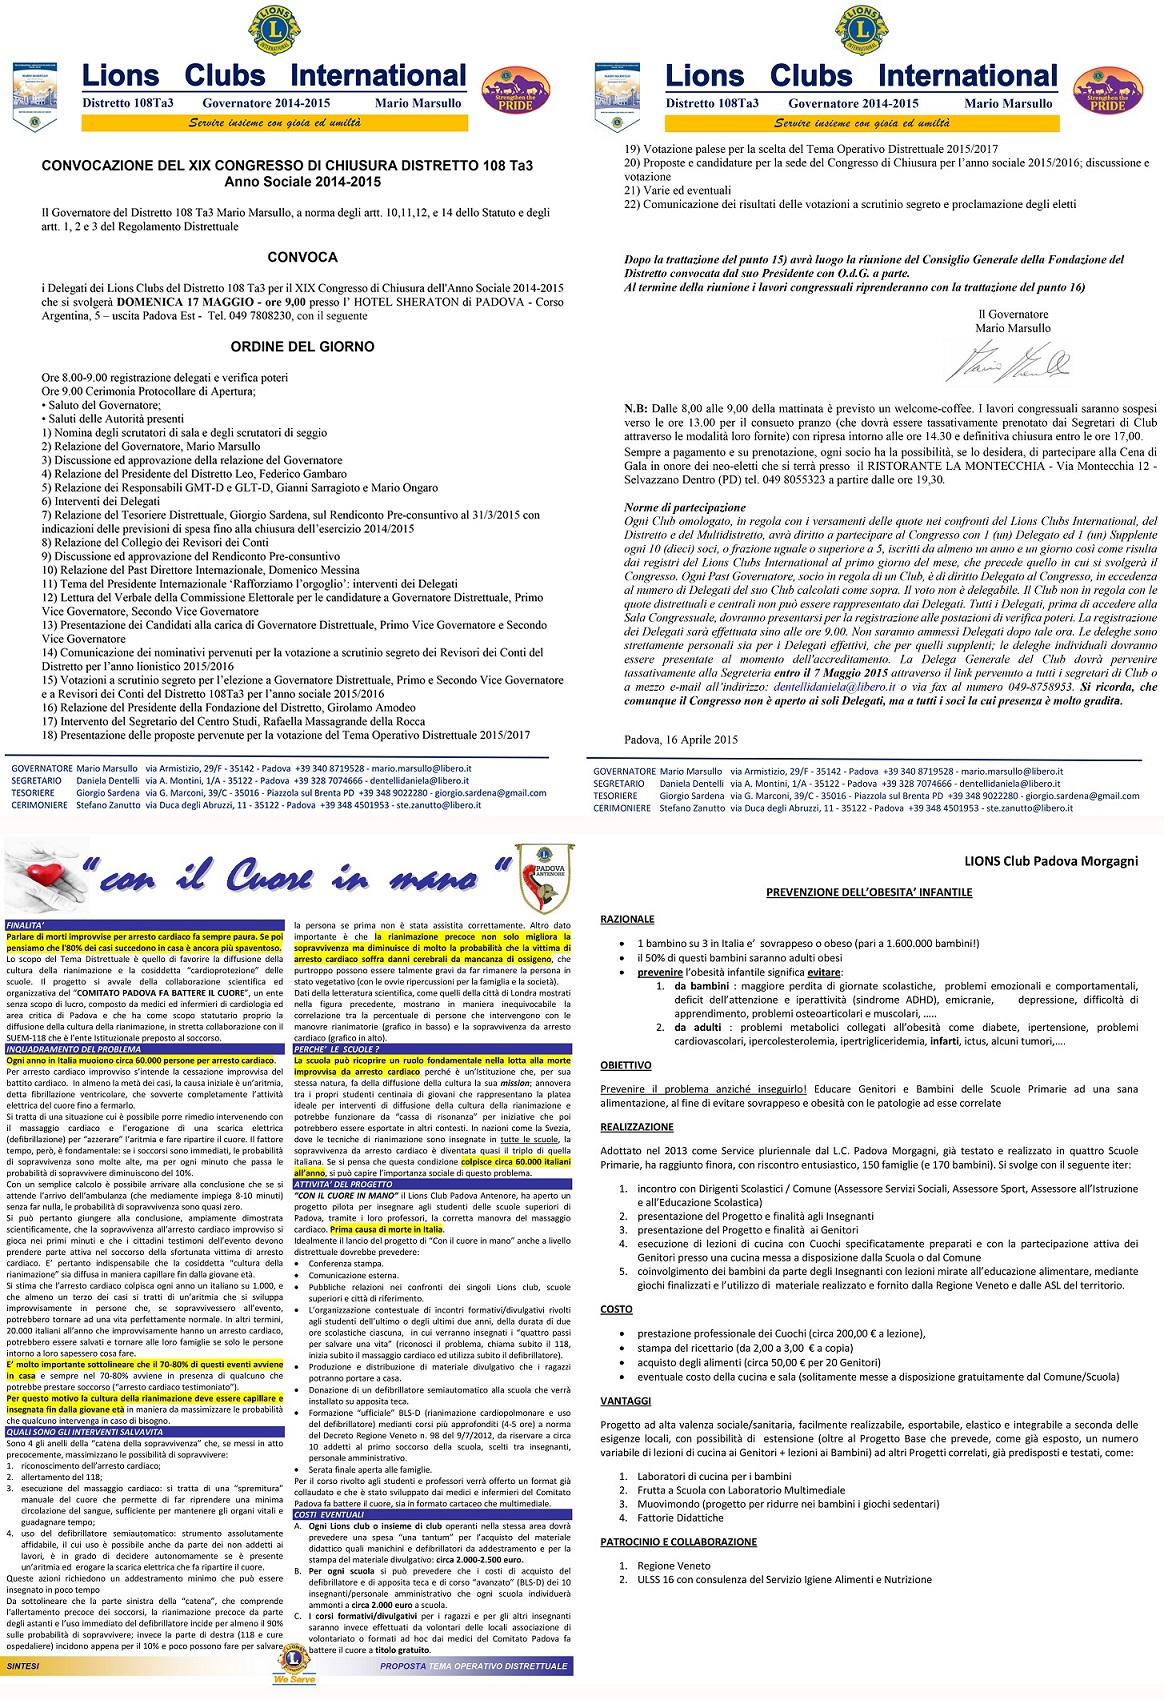 CONGRESSO DI CHIUSURA - CONVOCAZIONE